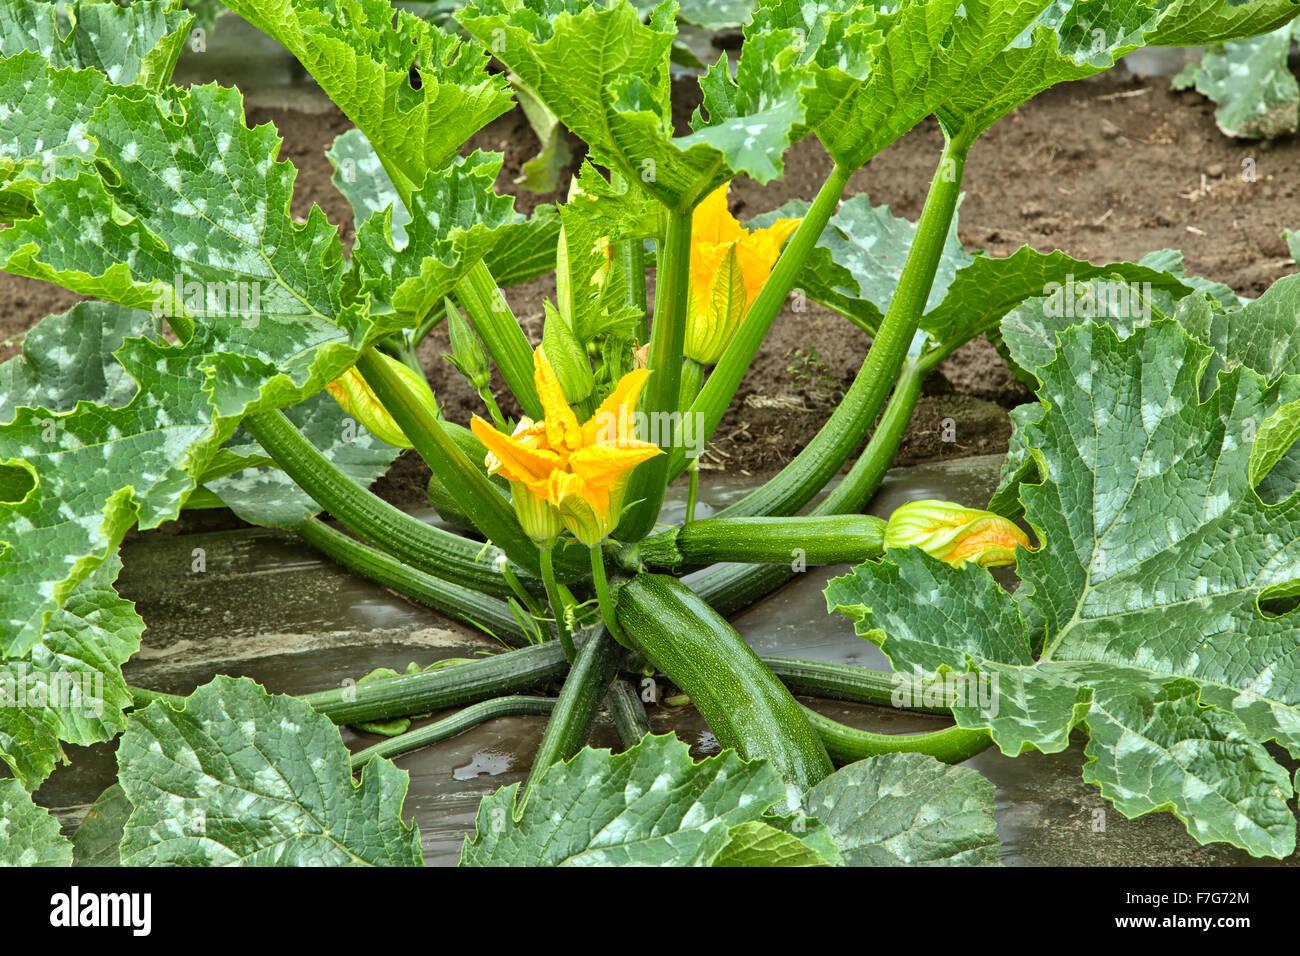 zucchini ernten gelbe zucchini werden geerntet friedrichs gartenjahr zucchini pflanzen pflegen. Black Bedroom Furniture Sets. Home Design Ideas